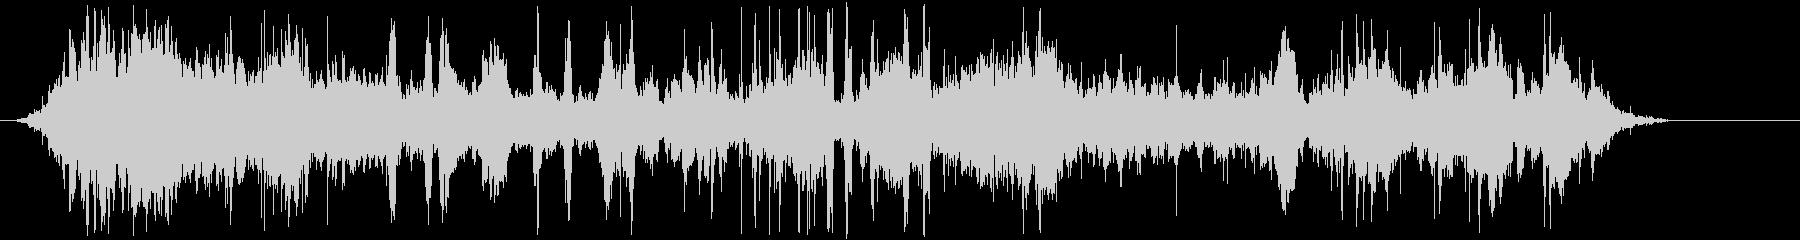 エルロシオベルズブラザーフッドの未再生の波形